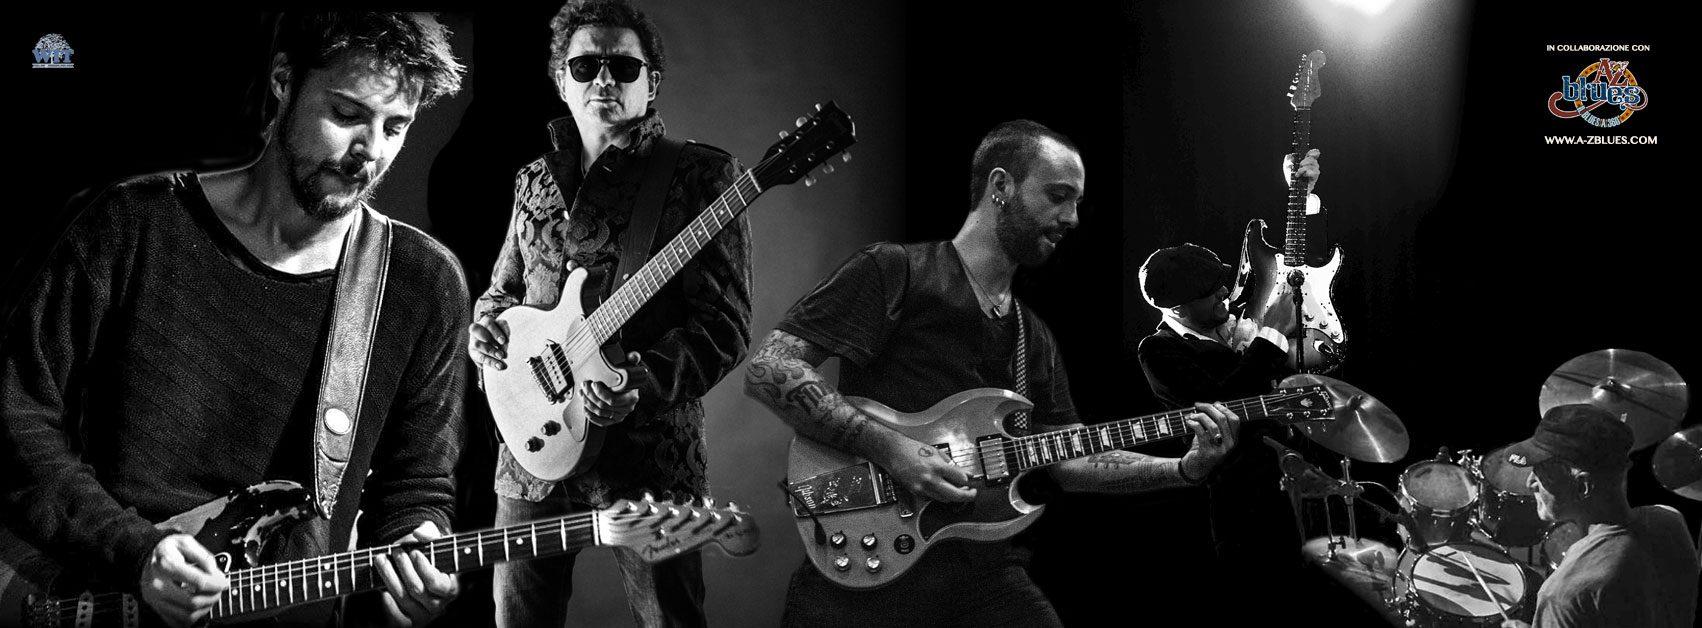 Diego Fainello Band, Mike Sponza, Riki Massini & Clive Bunker, Fabio Marza Band e Maurizio Pugno